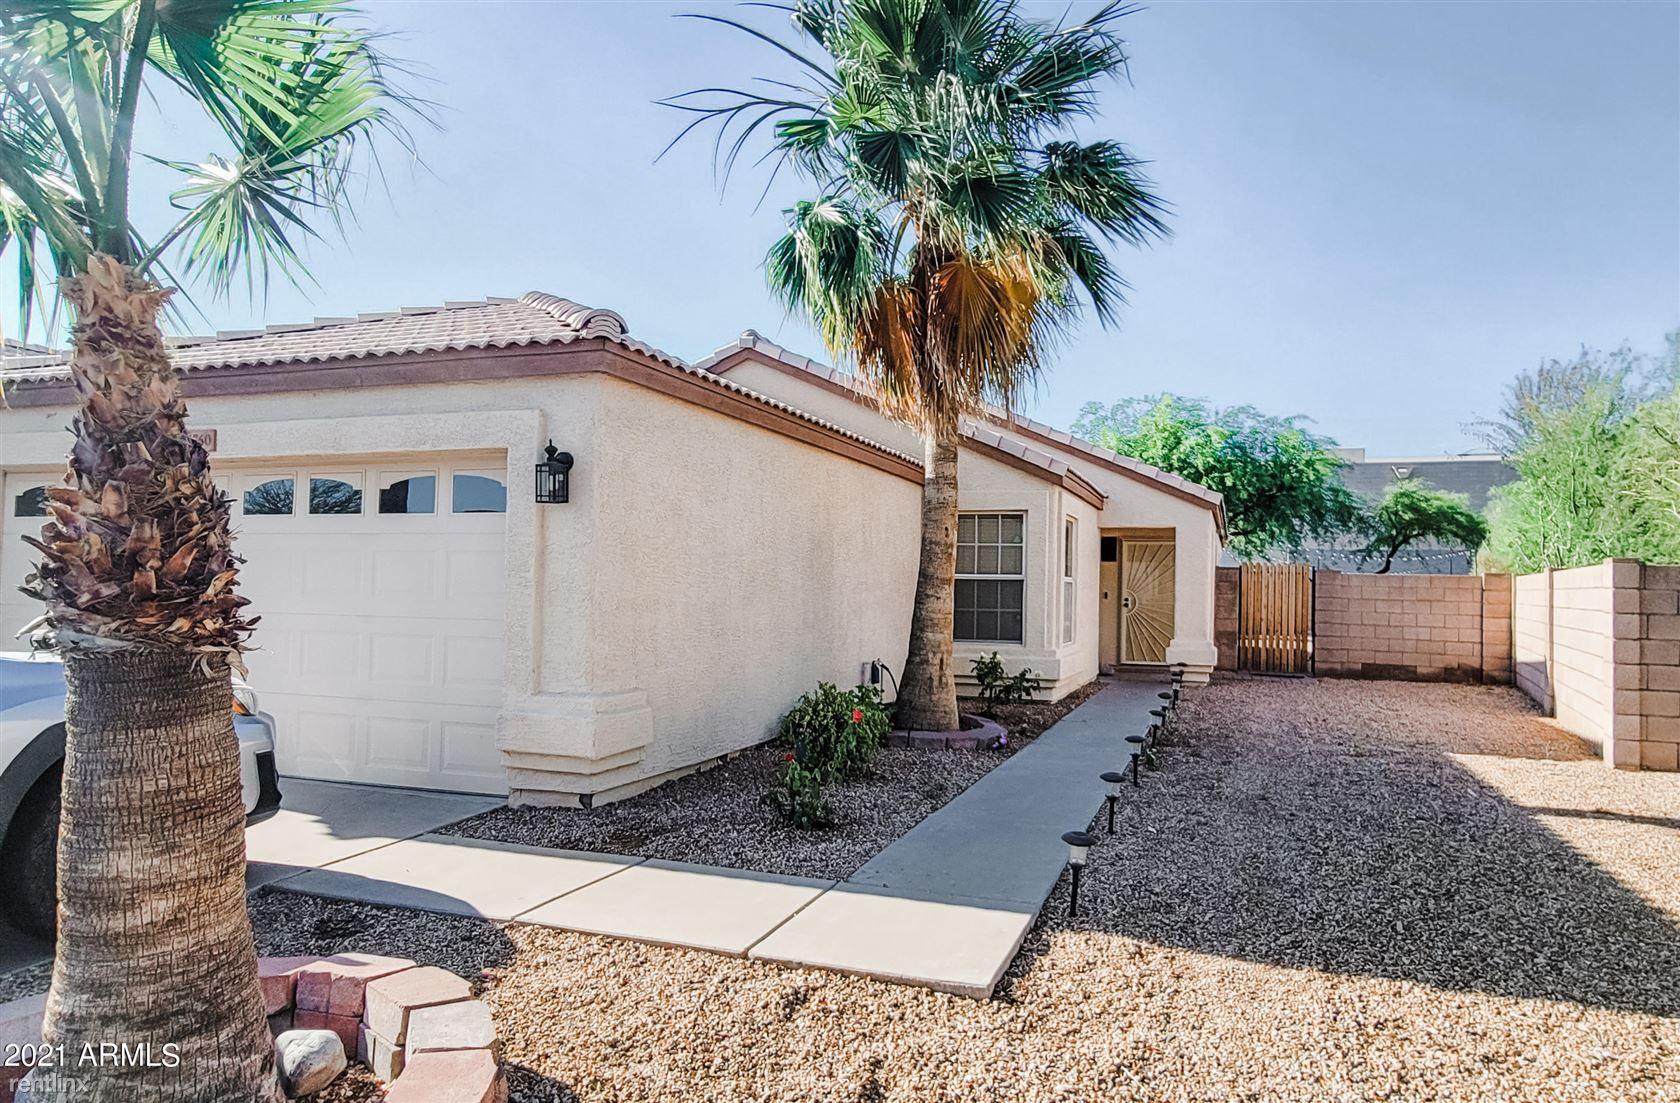 4760 E MOUNTAIN SAGE Drive, Phoenix, AZ - 2,665 USD/ month